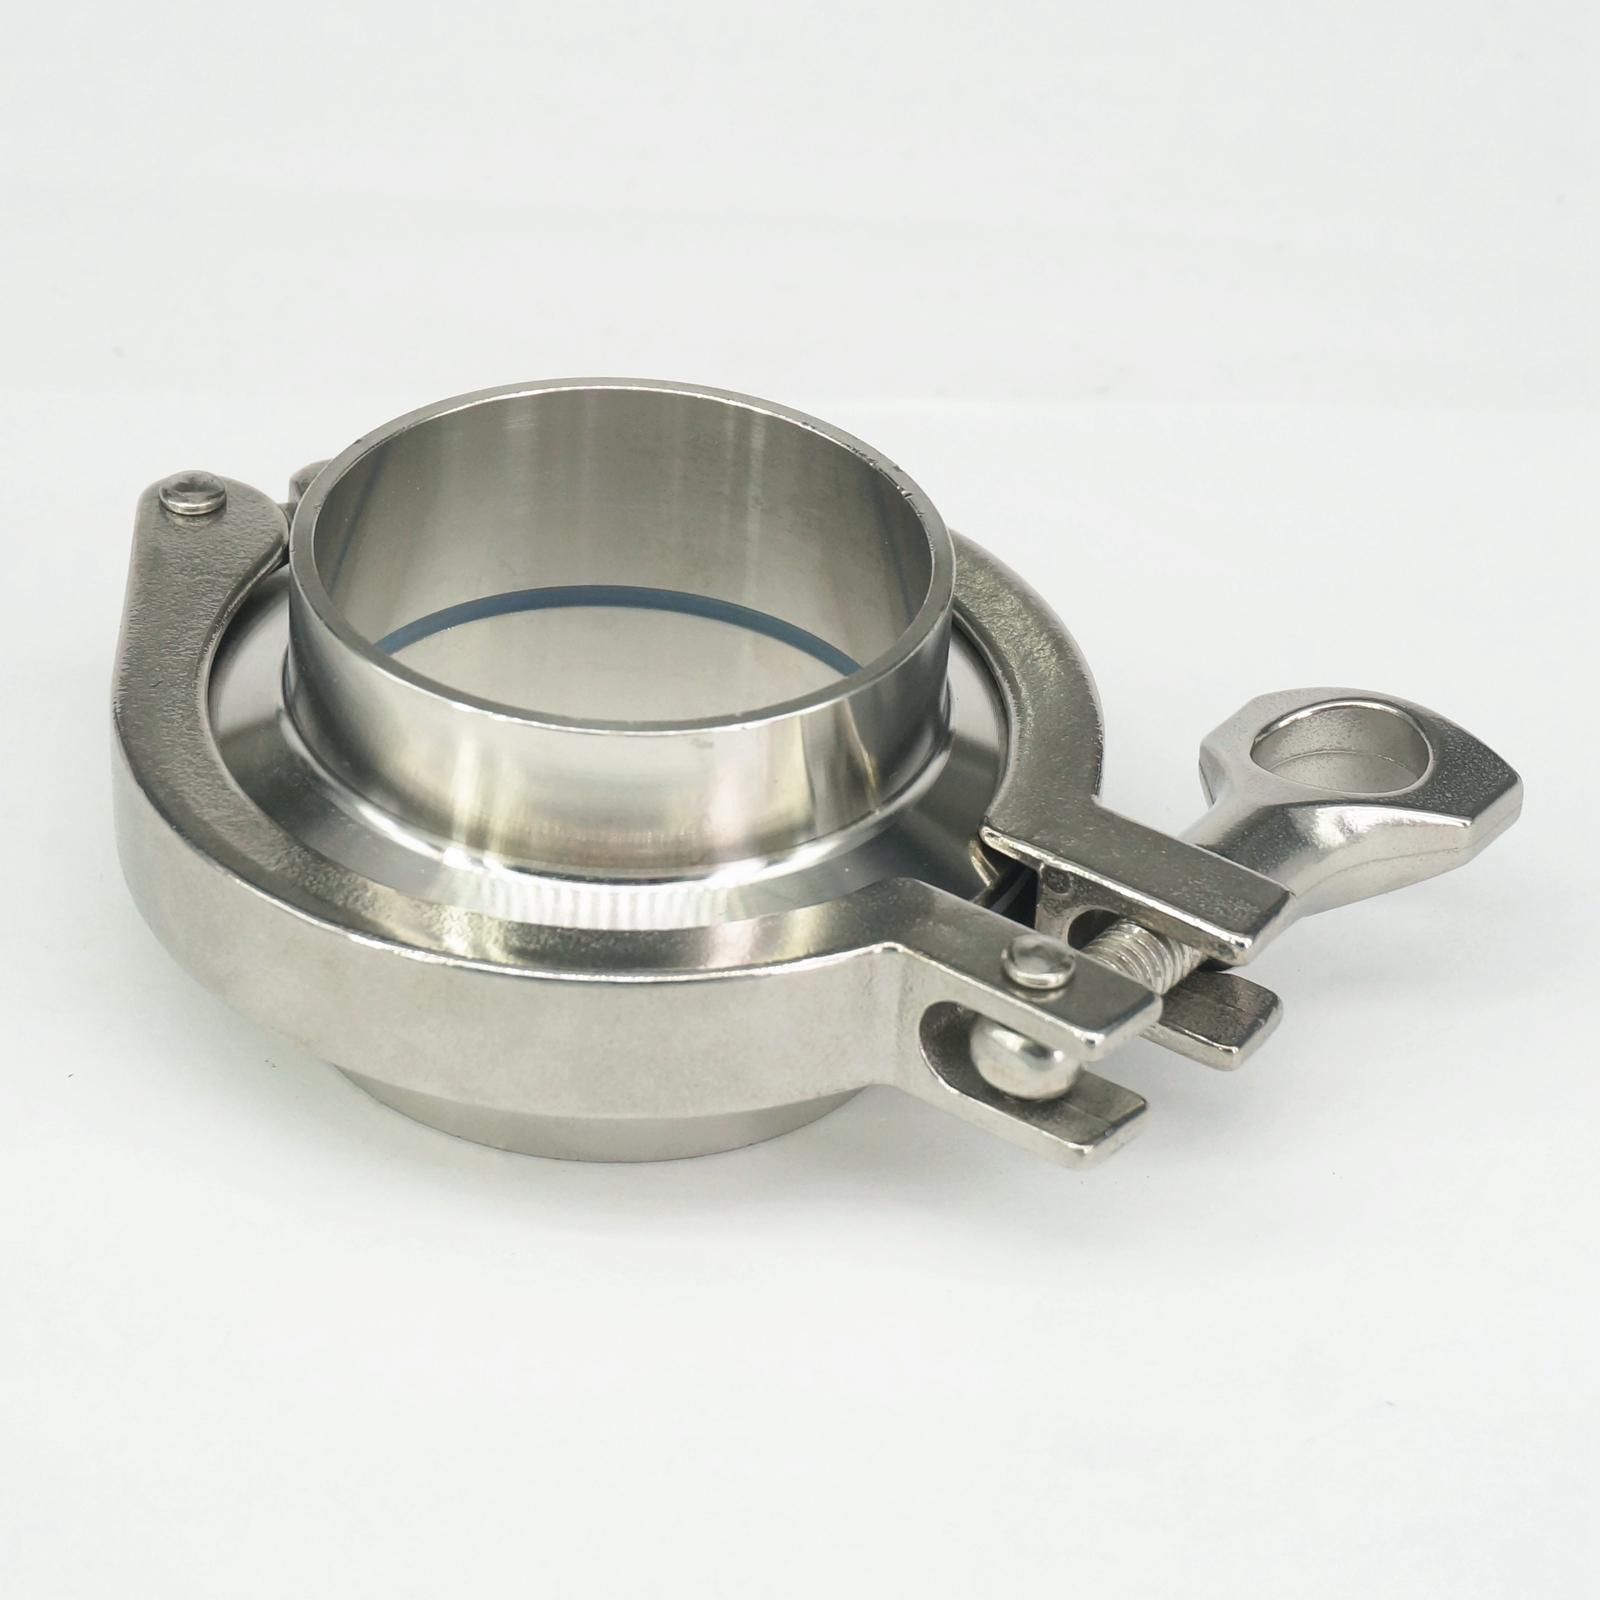 A Set 57mm O/D Sanitary Tri Clamp Weld Ferrule + 2.5